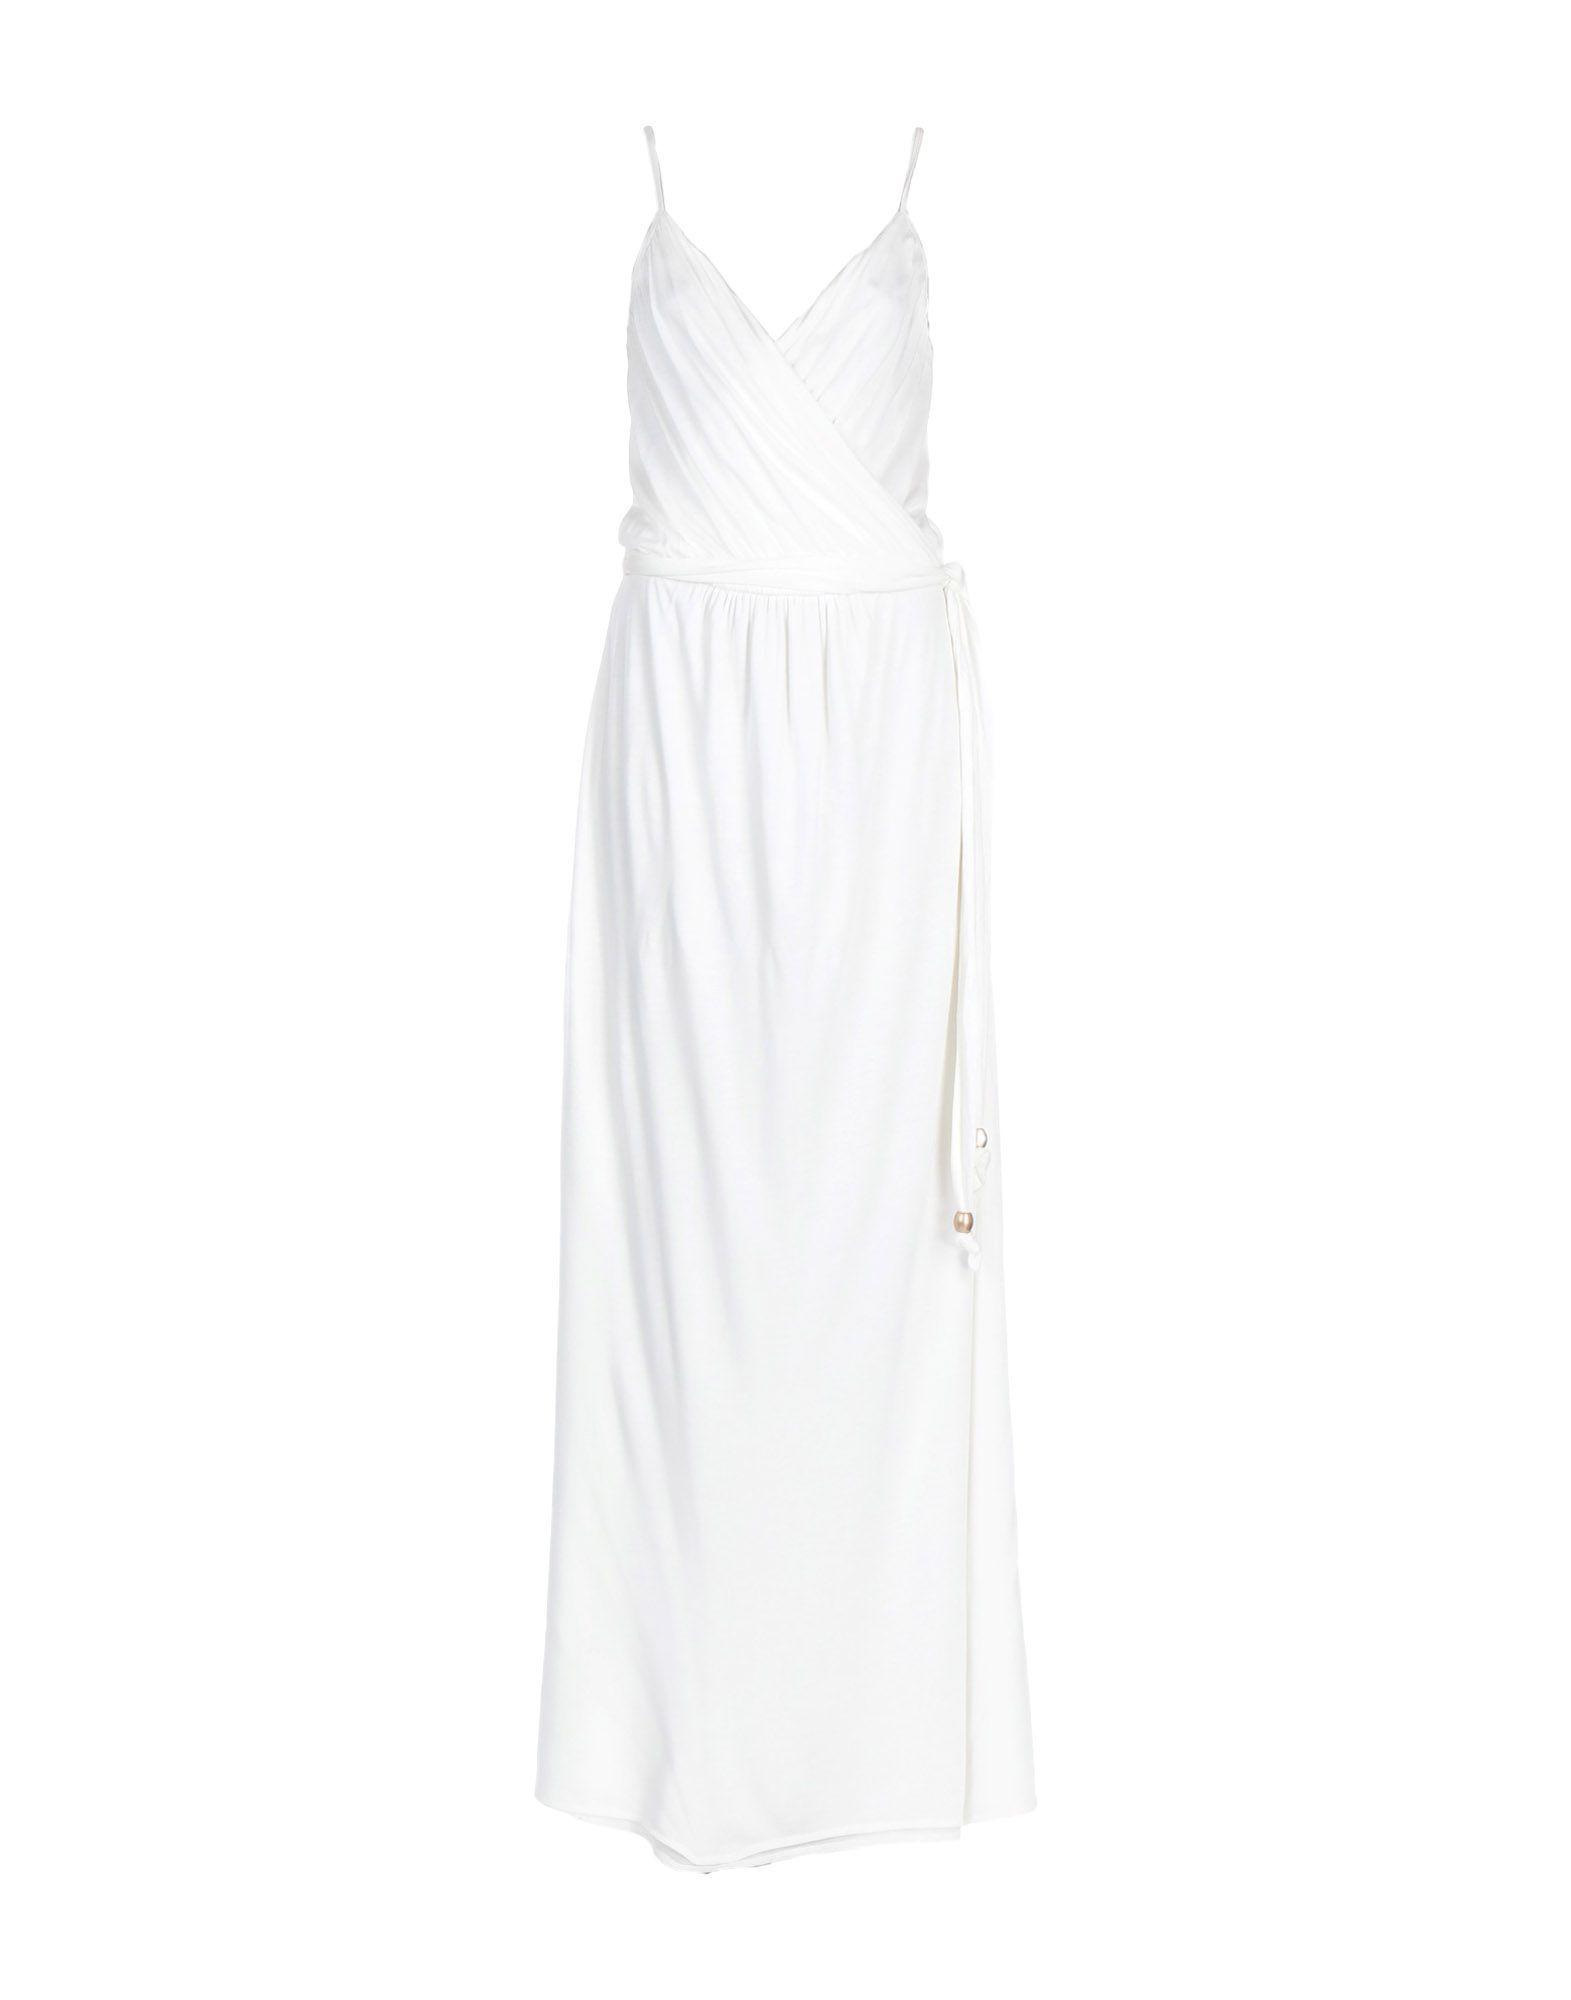 Melissa Odabash White Modal Full Length Dress